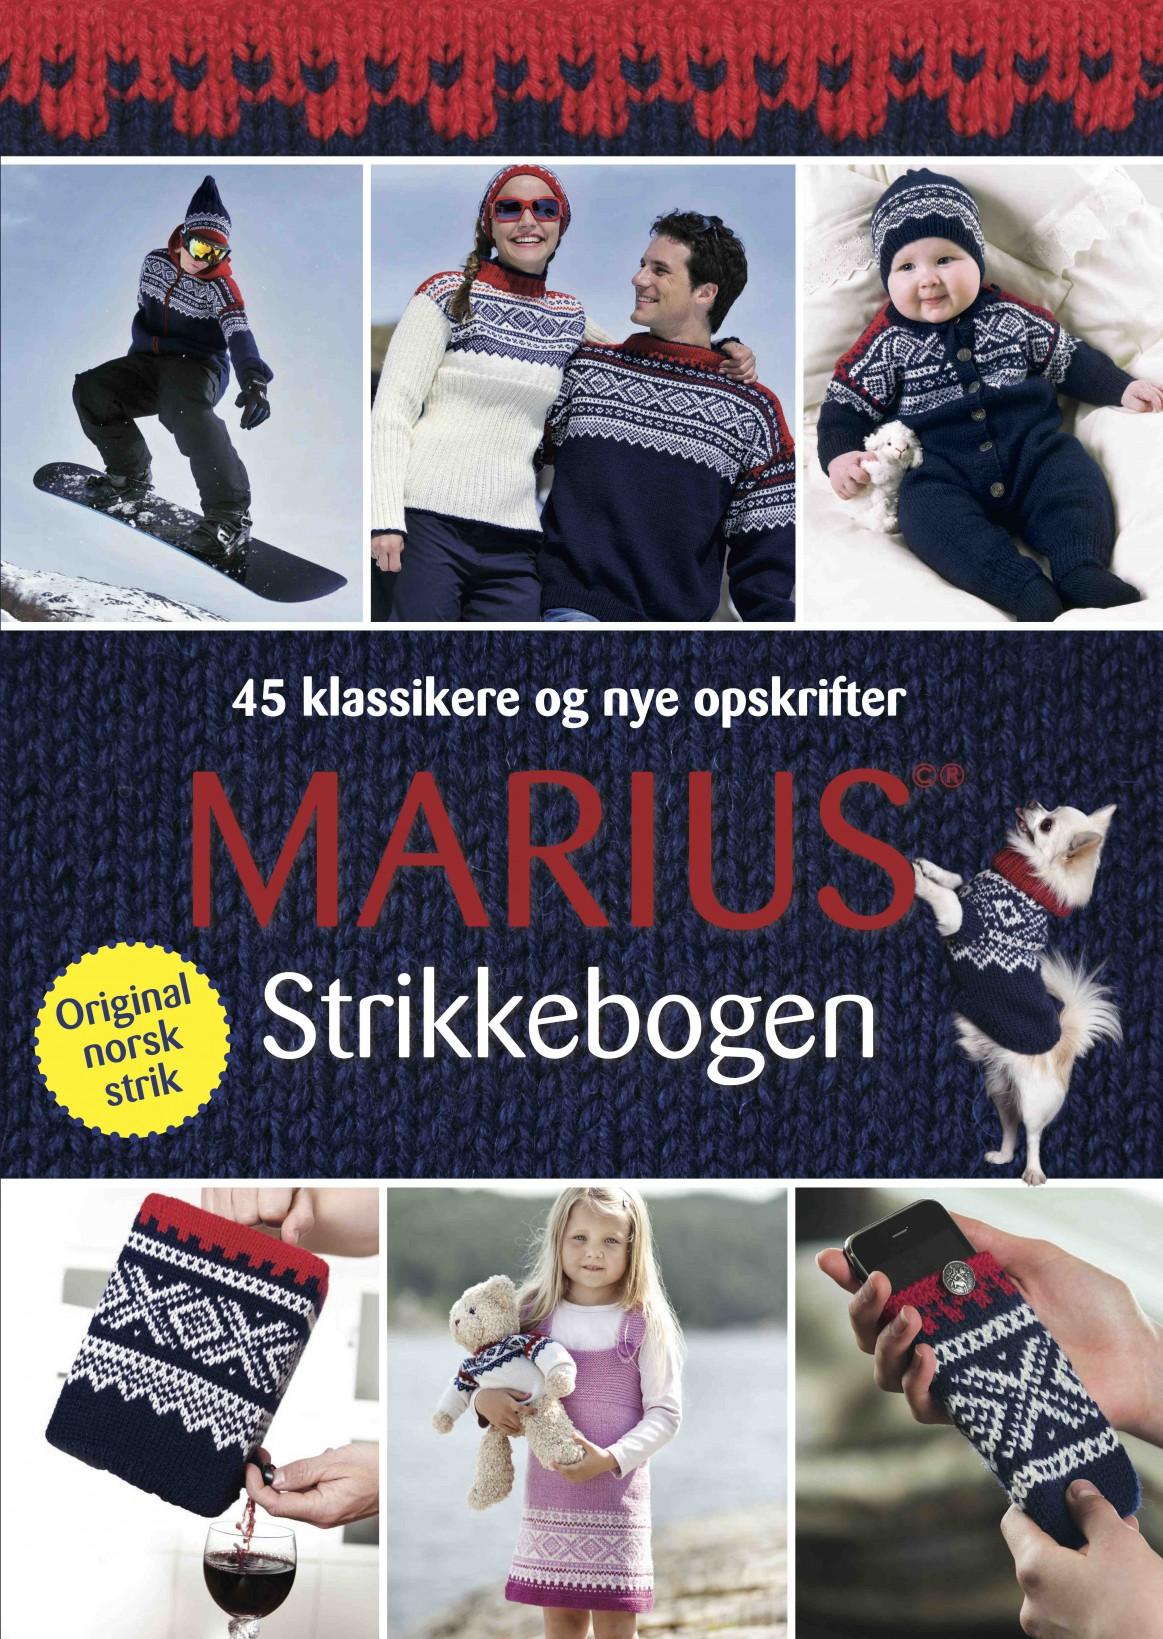 Marius strikkebogen - forside, Marius strikkebogen af Vigdis Augusta Yran Dale